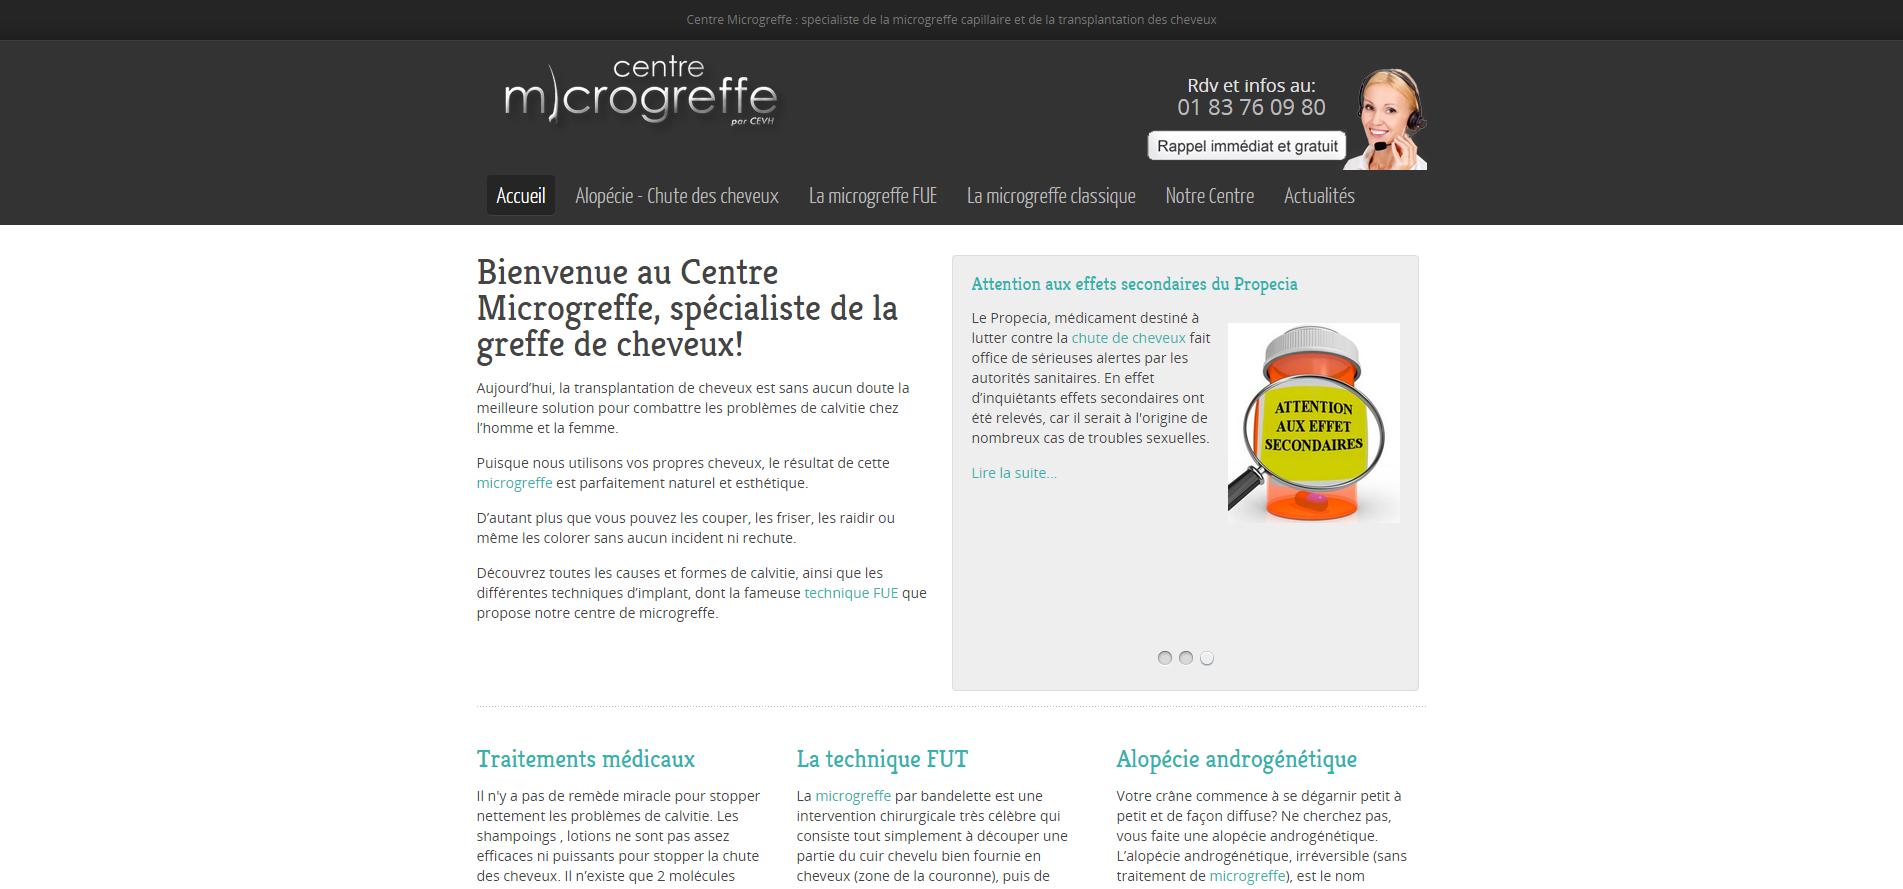 centre_microgreffe